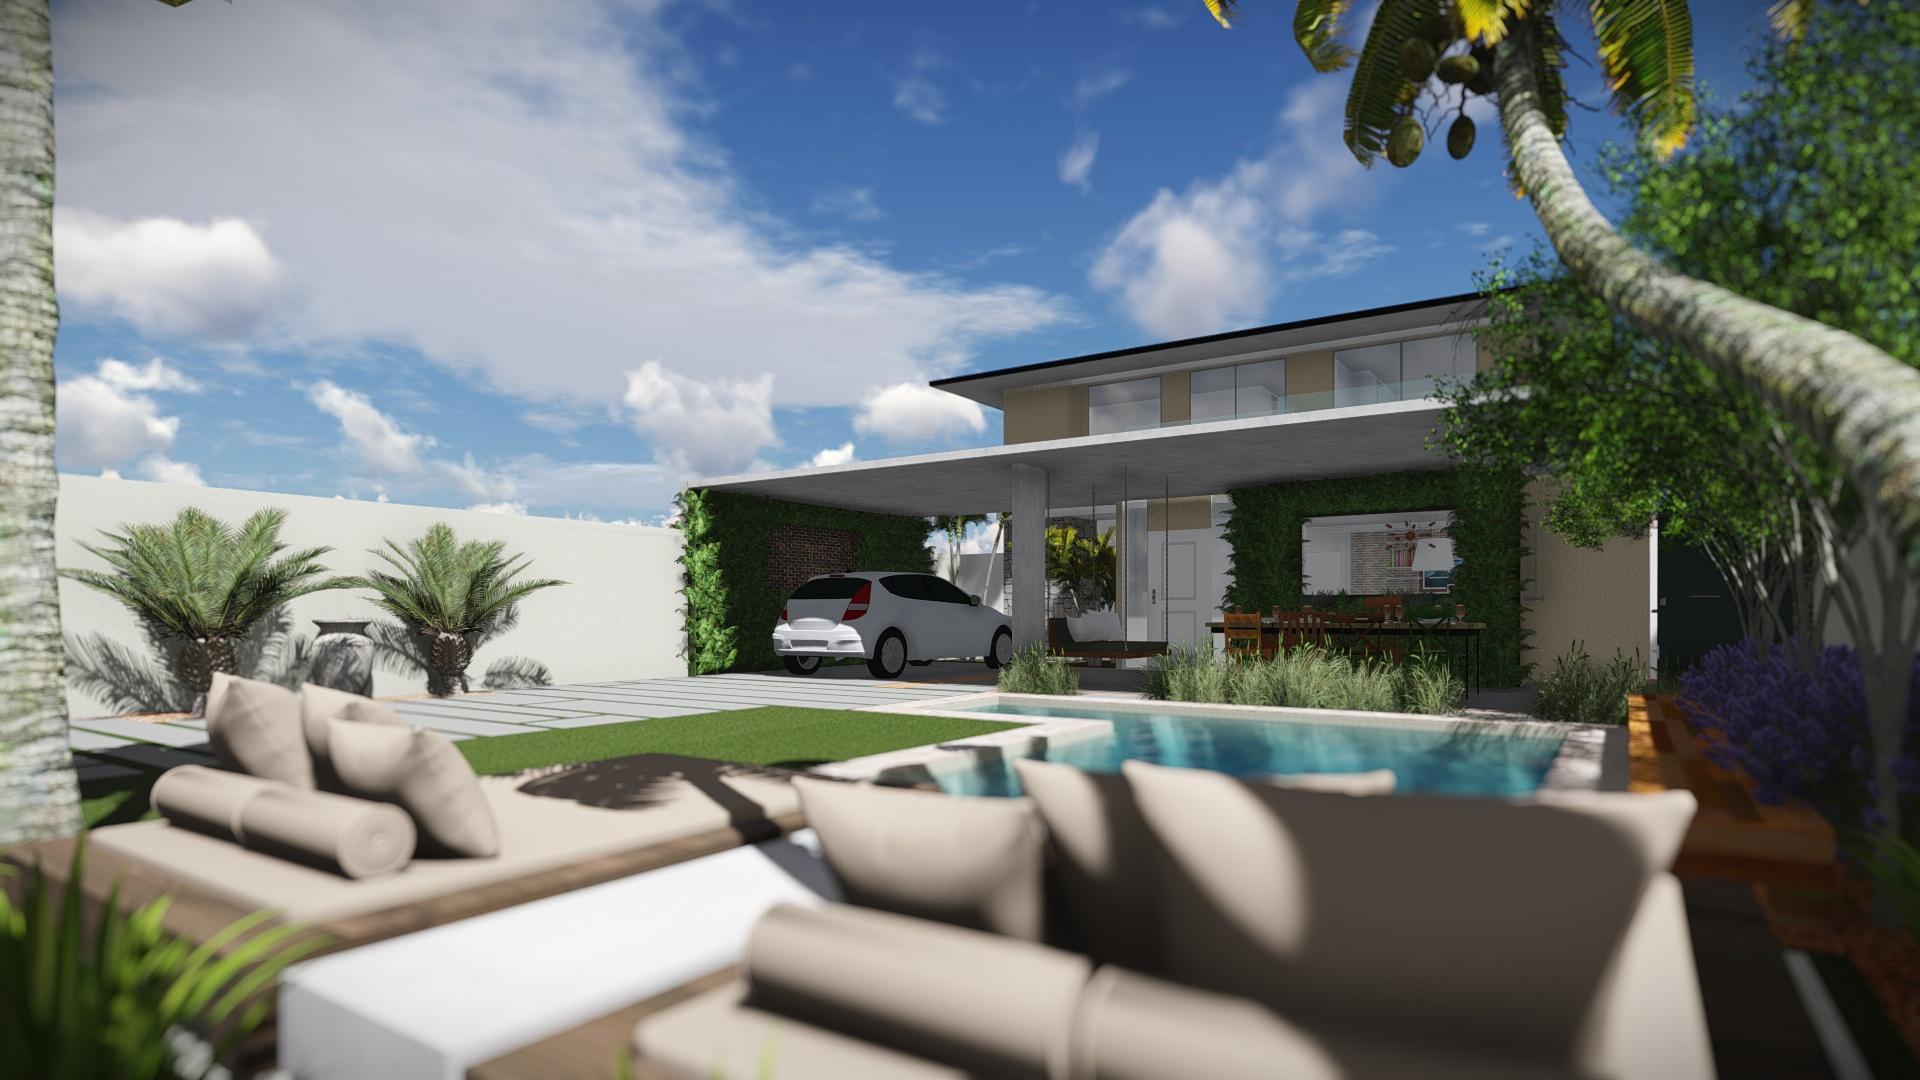 Casa moderna domingos de arquitetura for Casa moderna 7x15